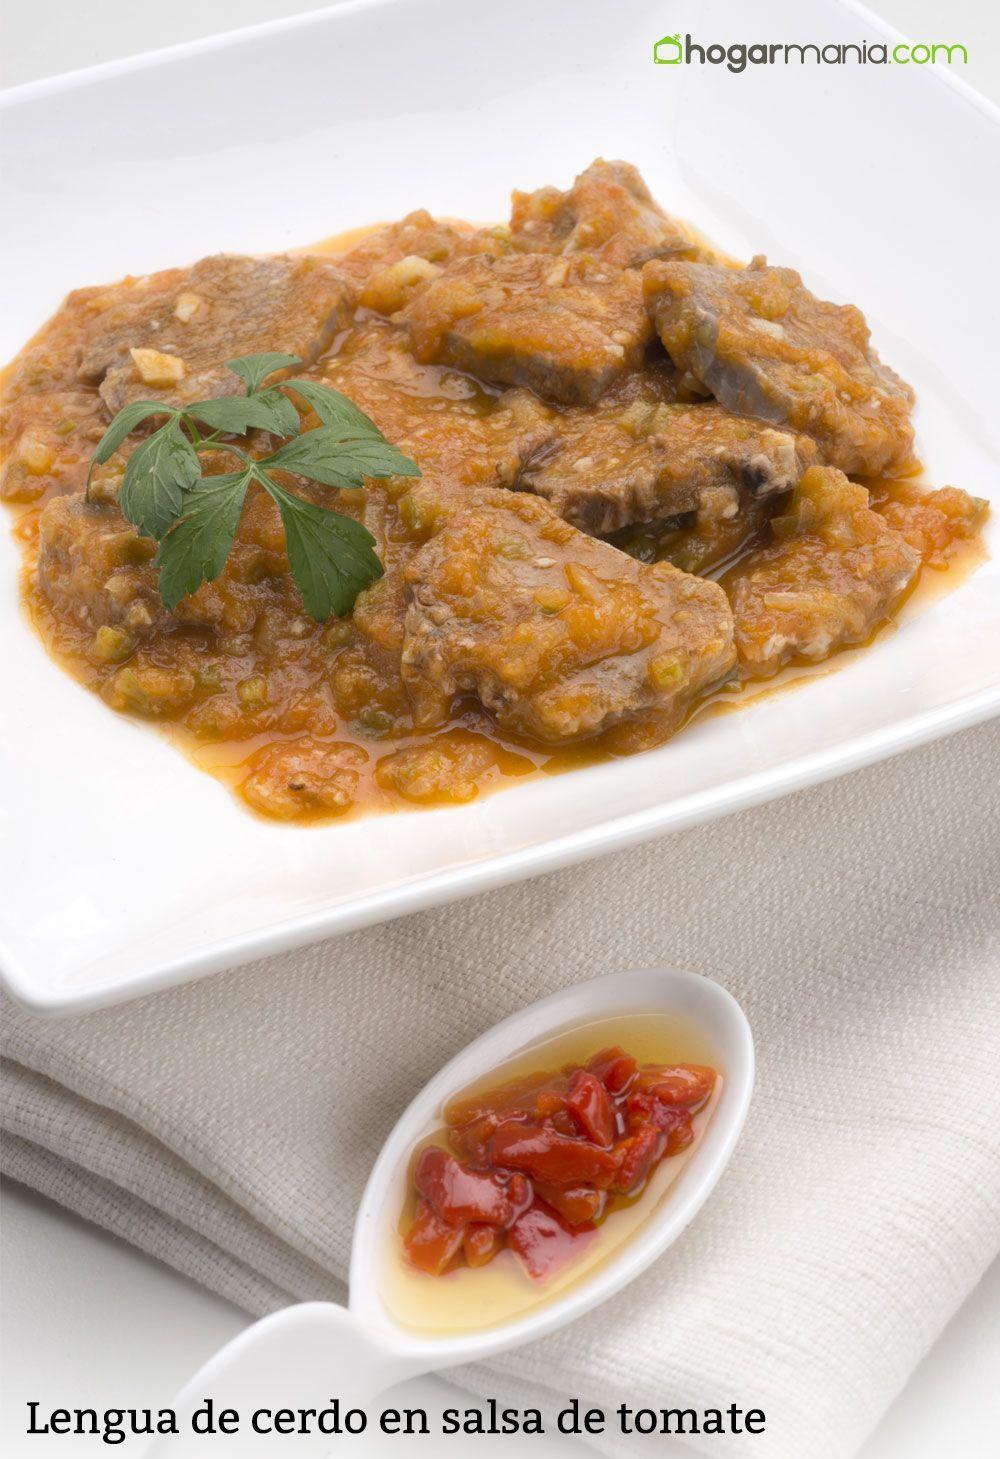 Receta De Lengua De Cerdo En Salsa De Tomate Karlos Arguiñano Receta Cerdo En Salsa Comida étnica Cerdo Cocido